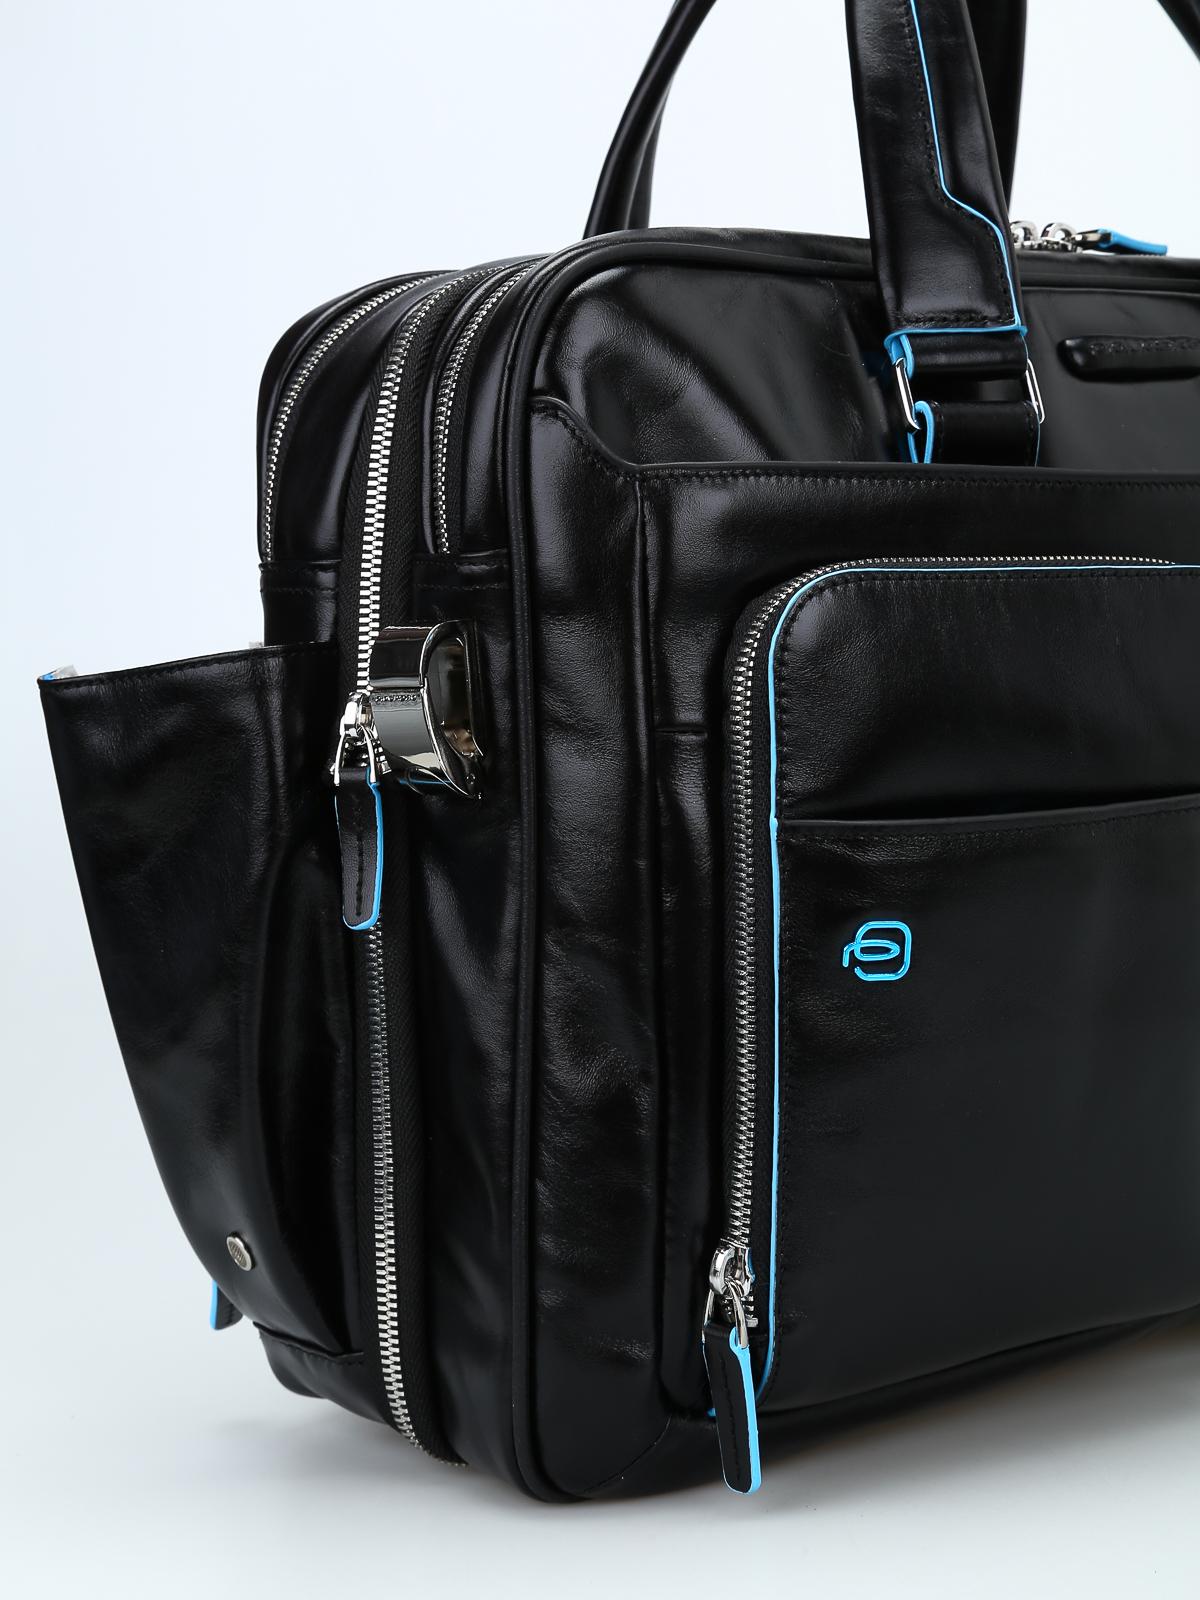 San Francisco 25ad0 628b9 Piquadro - Borsa nera in pelle spazzolata - borse da ufficio ...